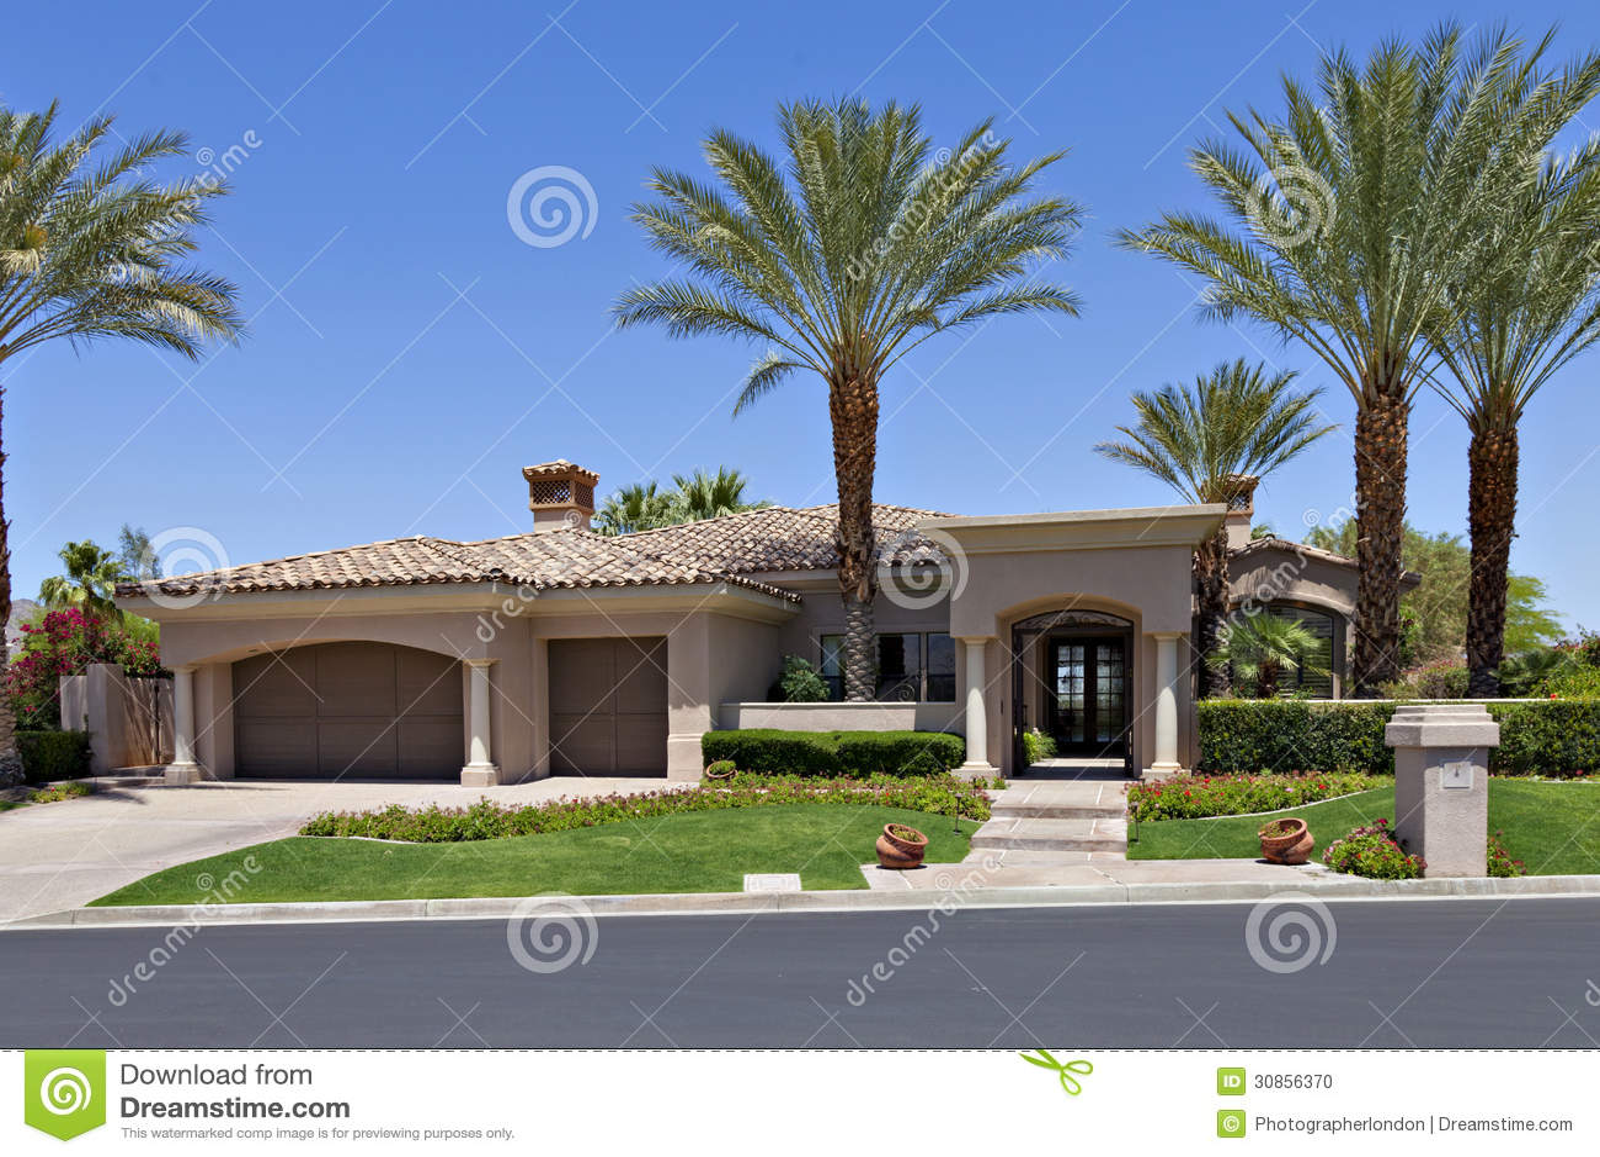 entr e un bel ext rieur californien de maison photo stock image du paume am rique 30856370. Black Bedroom Furniture Sets. Home Design Ideas